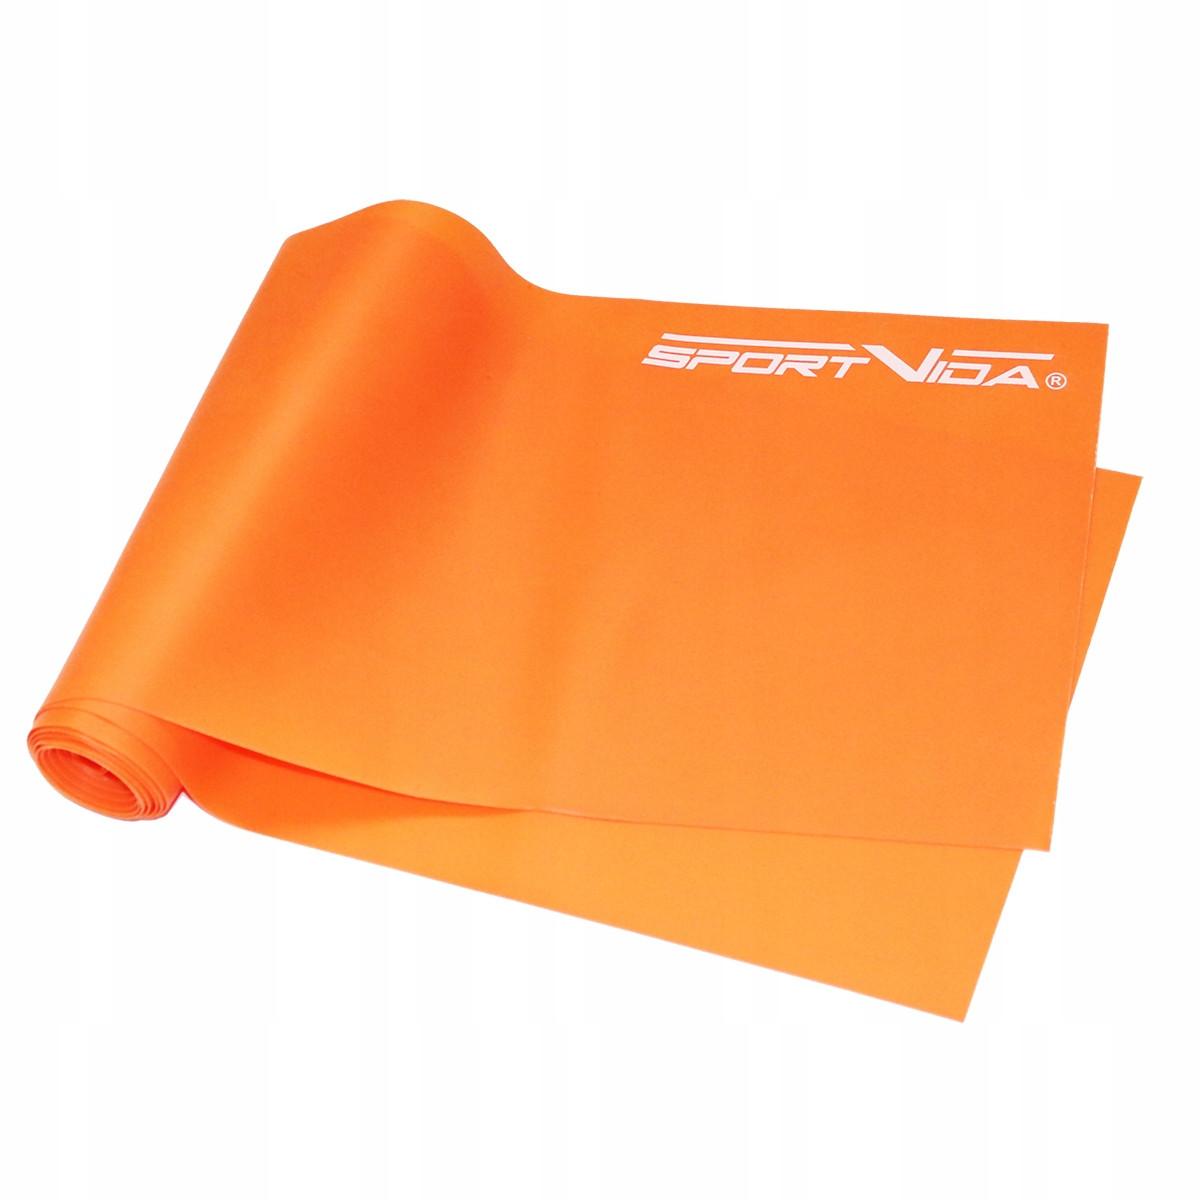 Лента-эспандер для спорта и реабилитации SportVida Flat Stretch Band 200 х 15 см 5-10 кг SV-HK0185